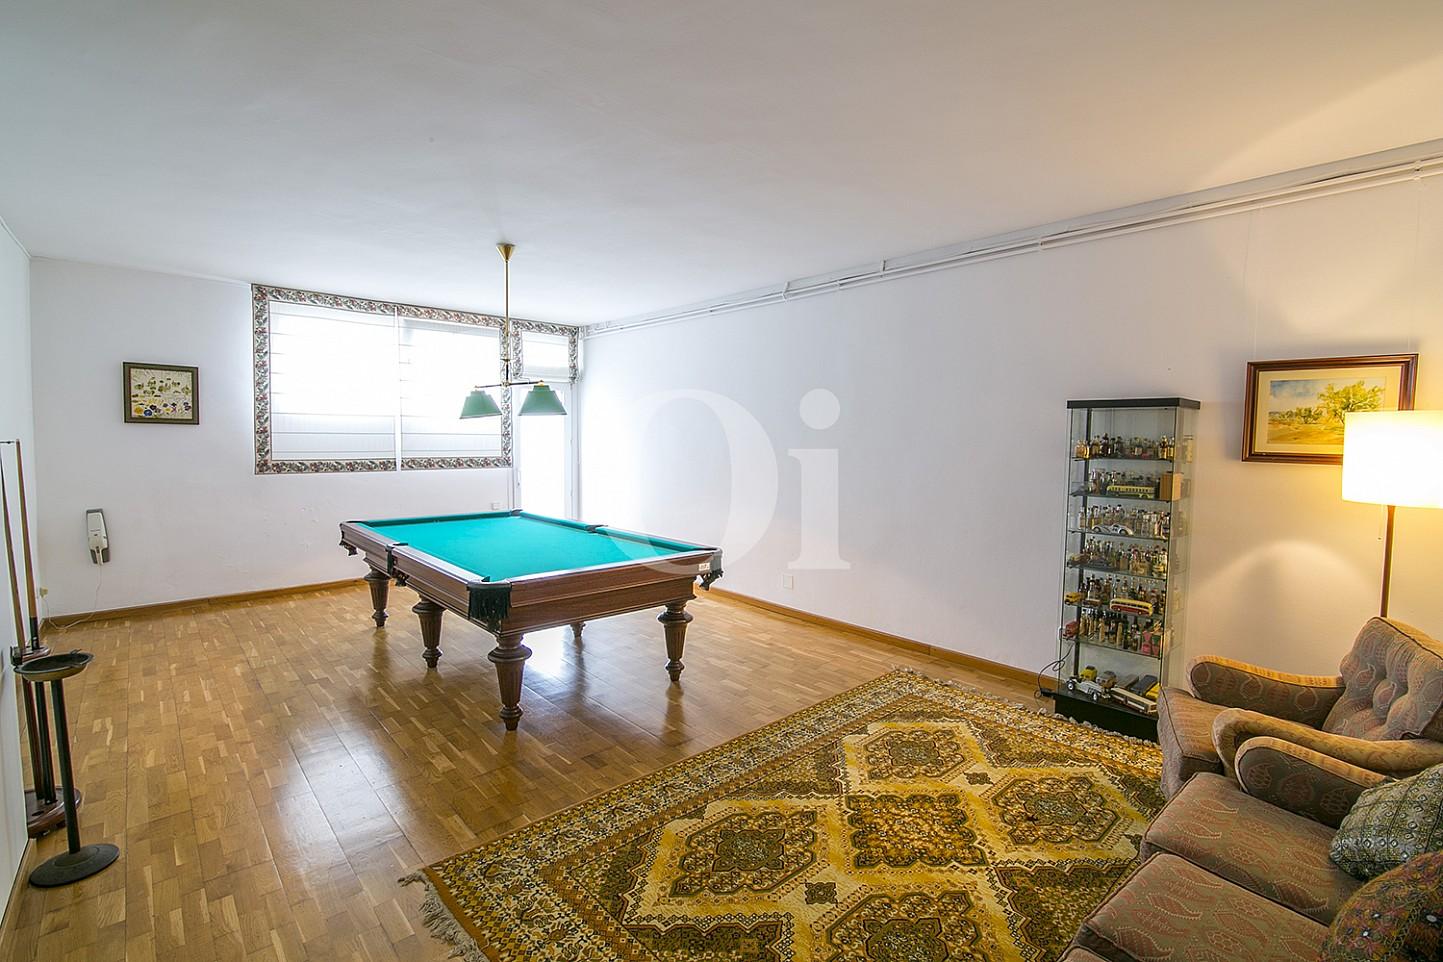 Impresionante comedor con luminosas vistas y mesa de billar en espectacular casa en venta situada en Cabrils